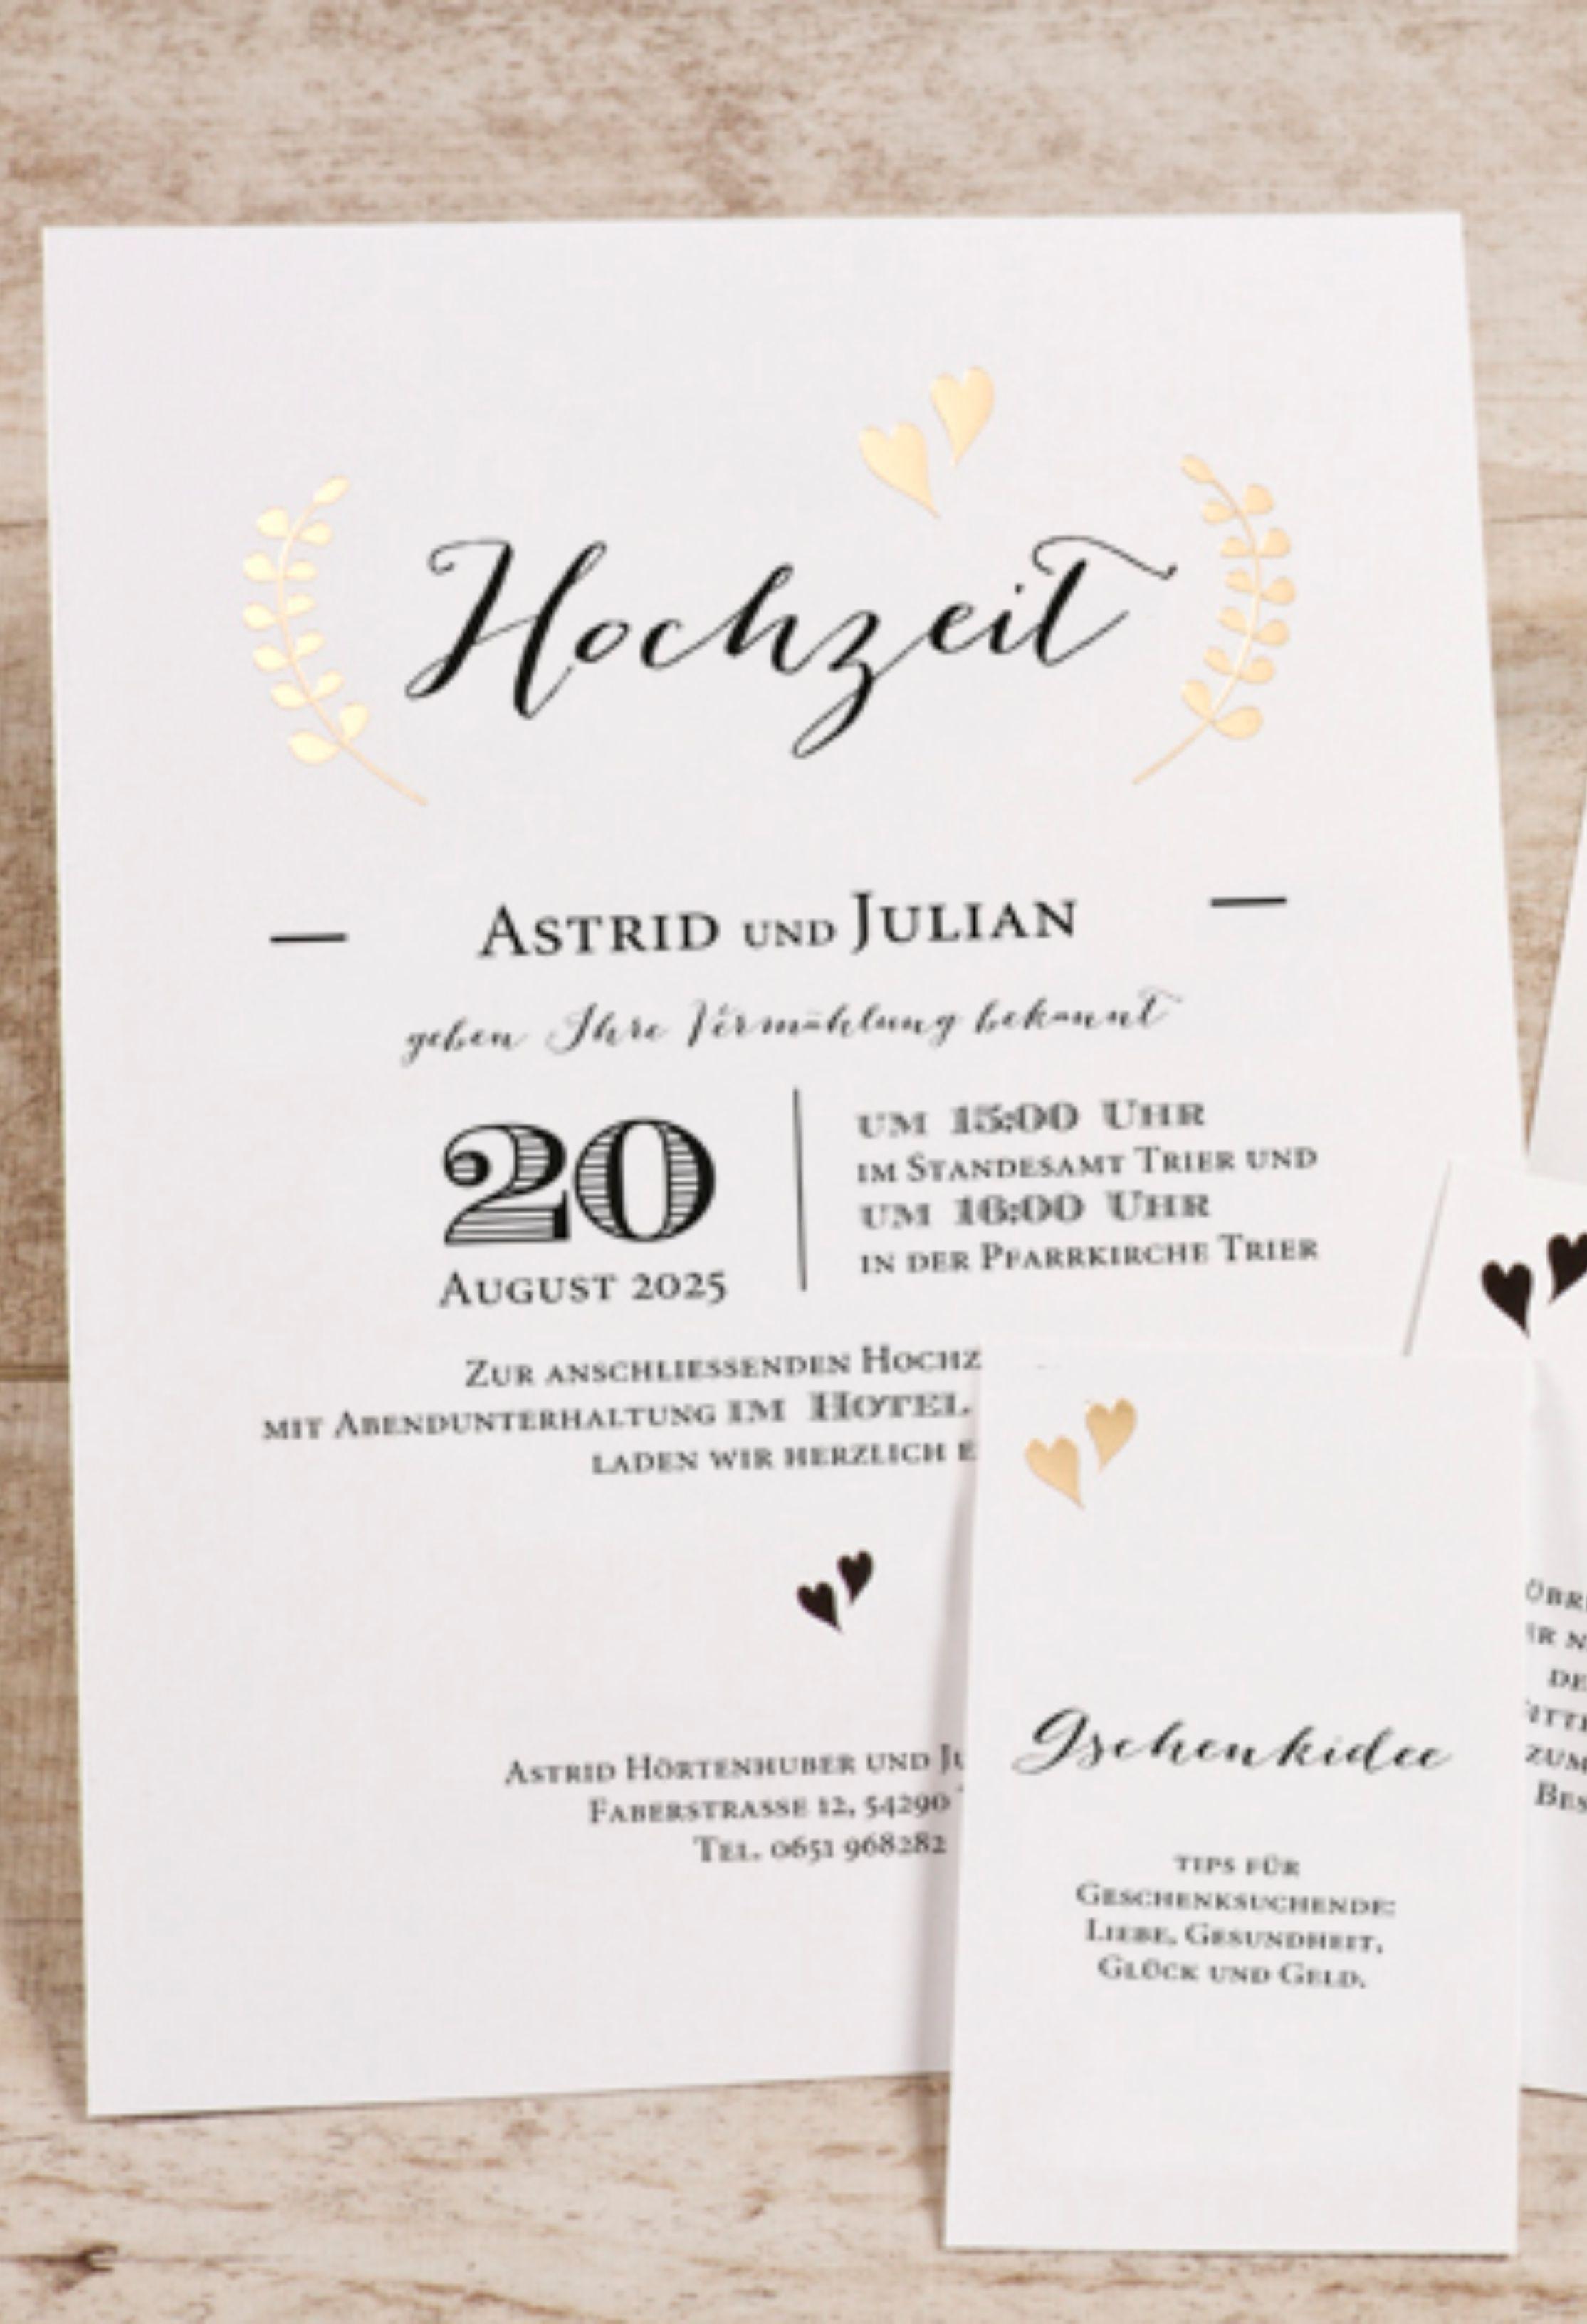 Moderne Hochzeitseinladung Im Handletteringstil Mit Goldfolie Hochzeitseinladung Einladungen Karte Hochzeit